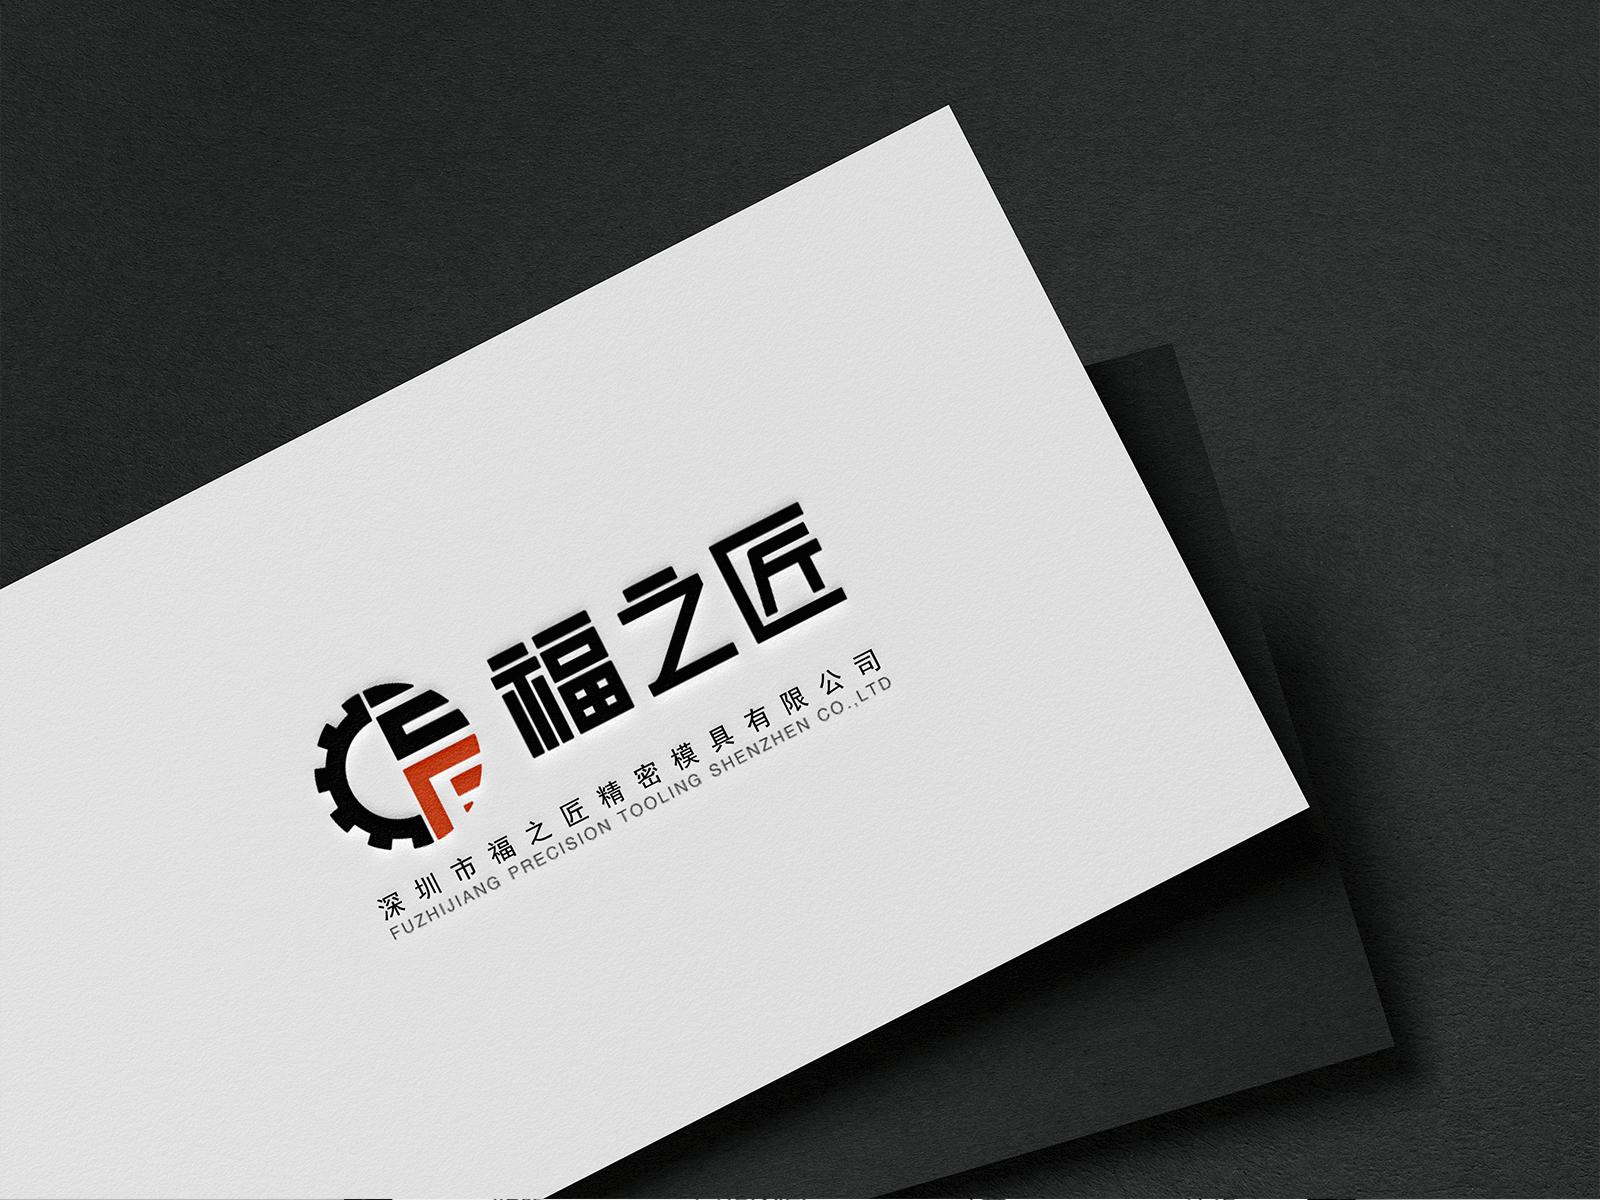 福之匠(jiang)VI設計